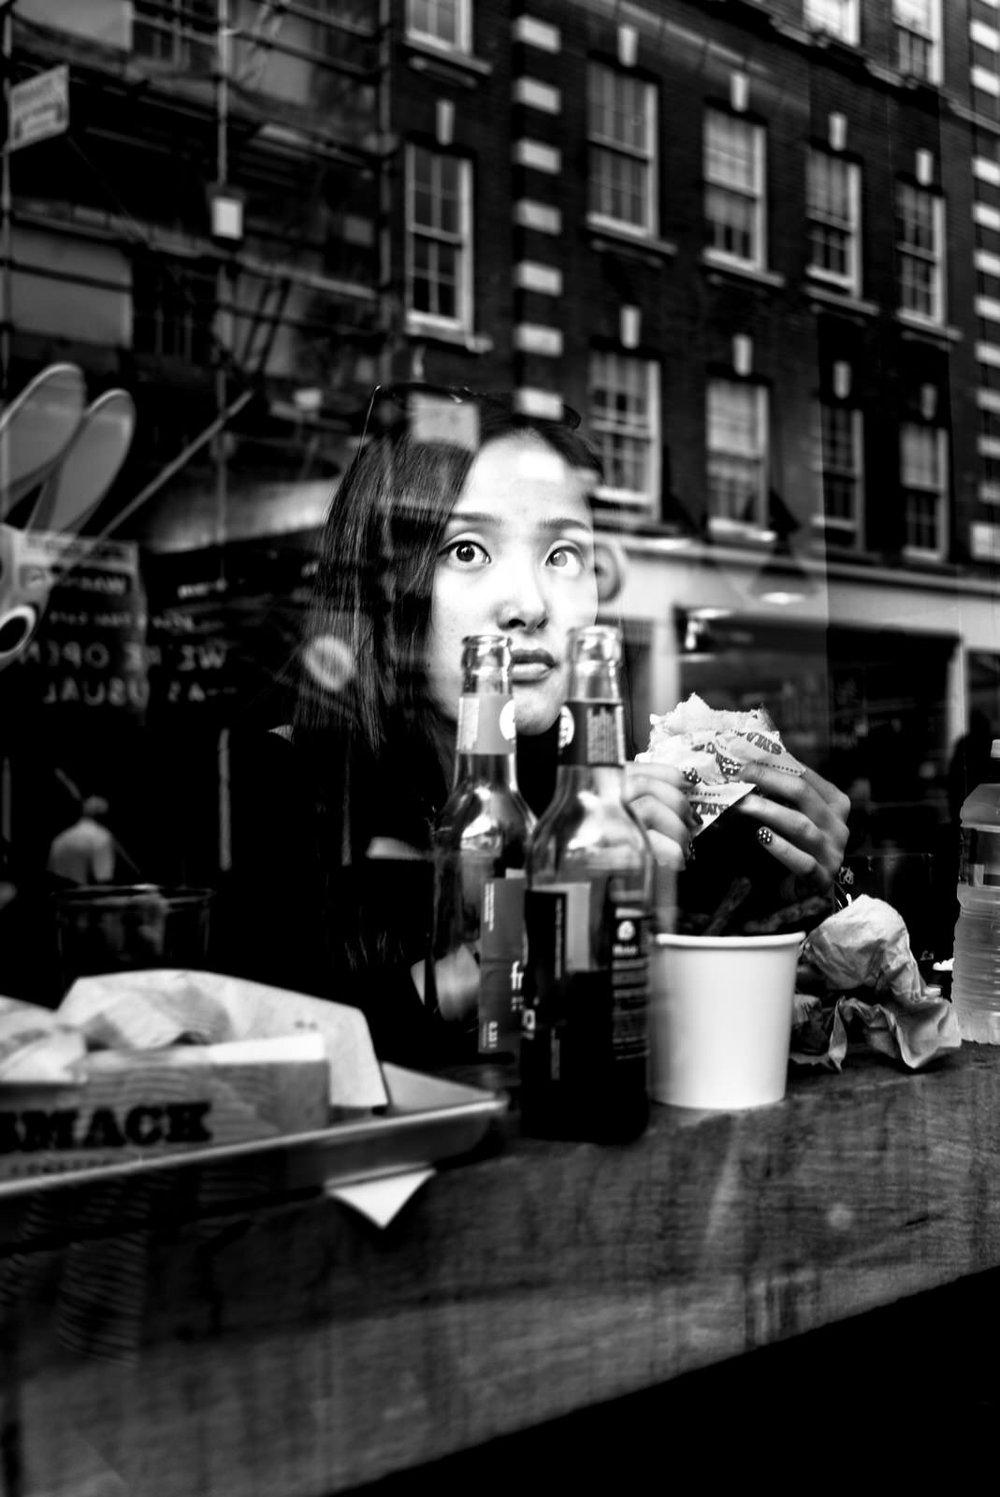 Alan Schaller - Street Photography International 18.jpg